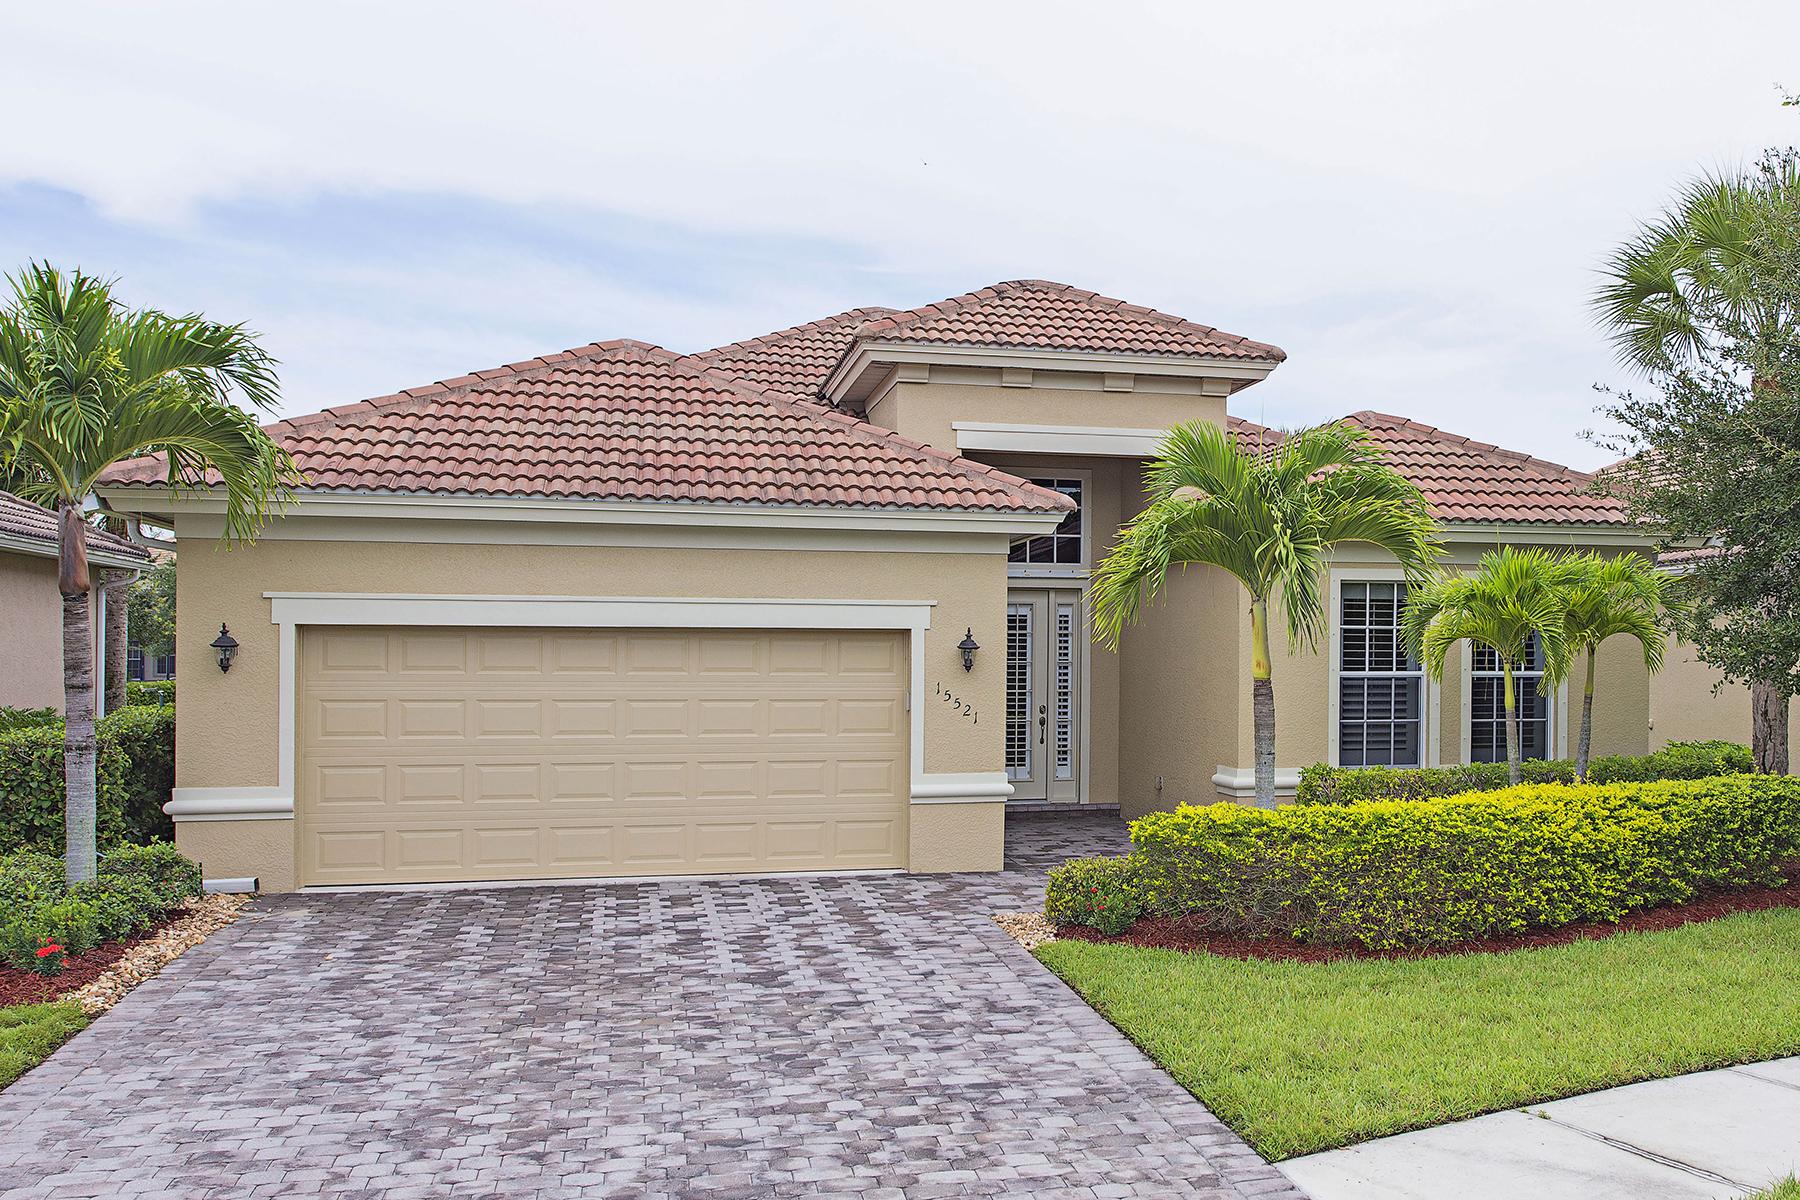 단독 가정 주택 용 매매 에 DELASOL 15521 Cadiz Ln Naples, 플로리다 34110 미국